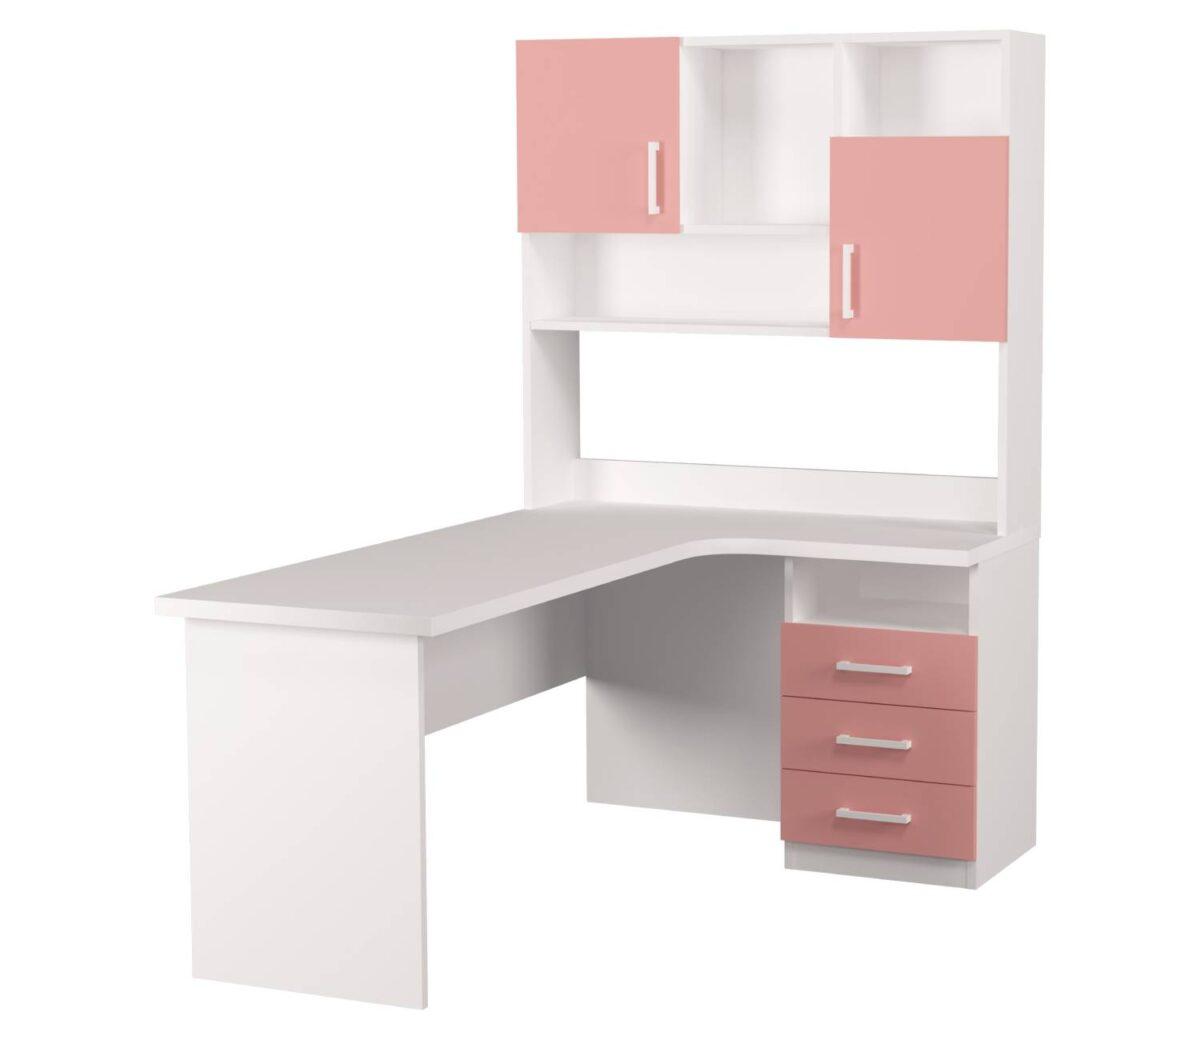 угловой детский стол Fashion.с надстройкой розовая 3 ящика